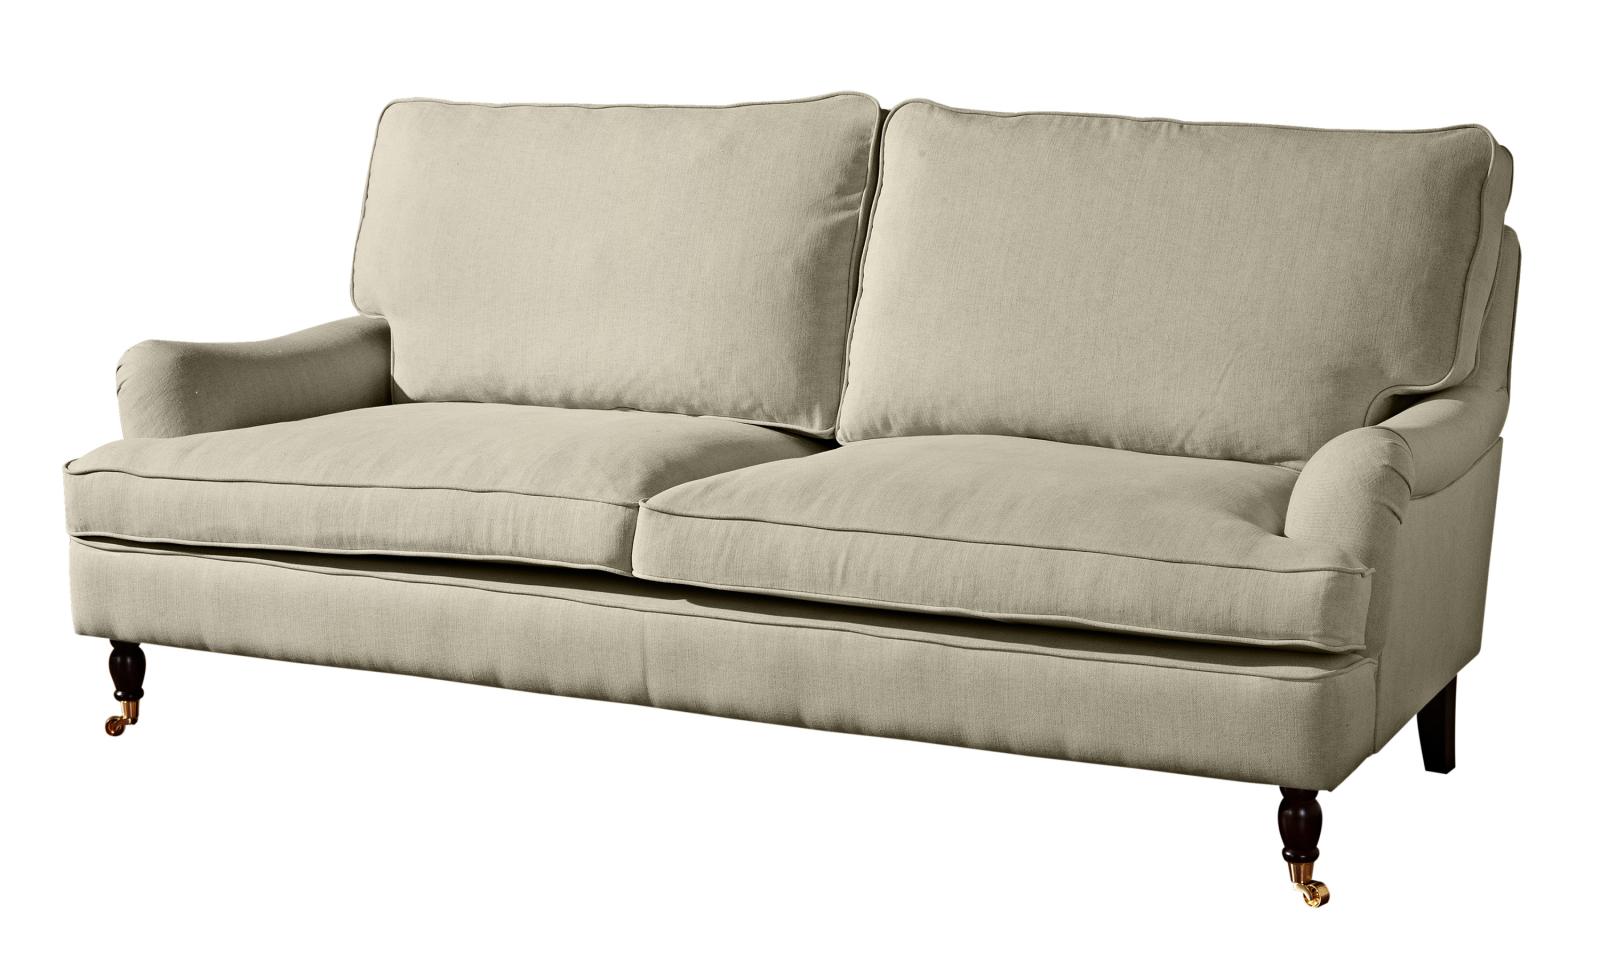 Full Size of Sofa Leinen Grau Couch Reinigen Leinenbezug Waschen Bezug Baumwolle Big Leinenstoff Weiss 3 Sitzer Beige Flachgewebe In Leinenoptik Online Bei Schilling Sofa Sofa Leinen